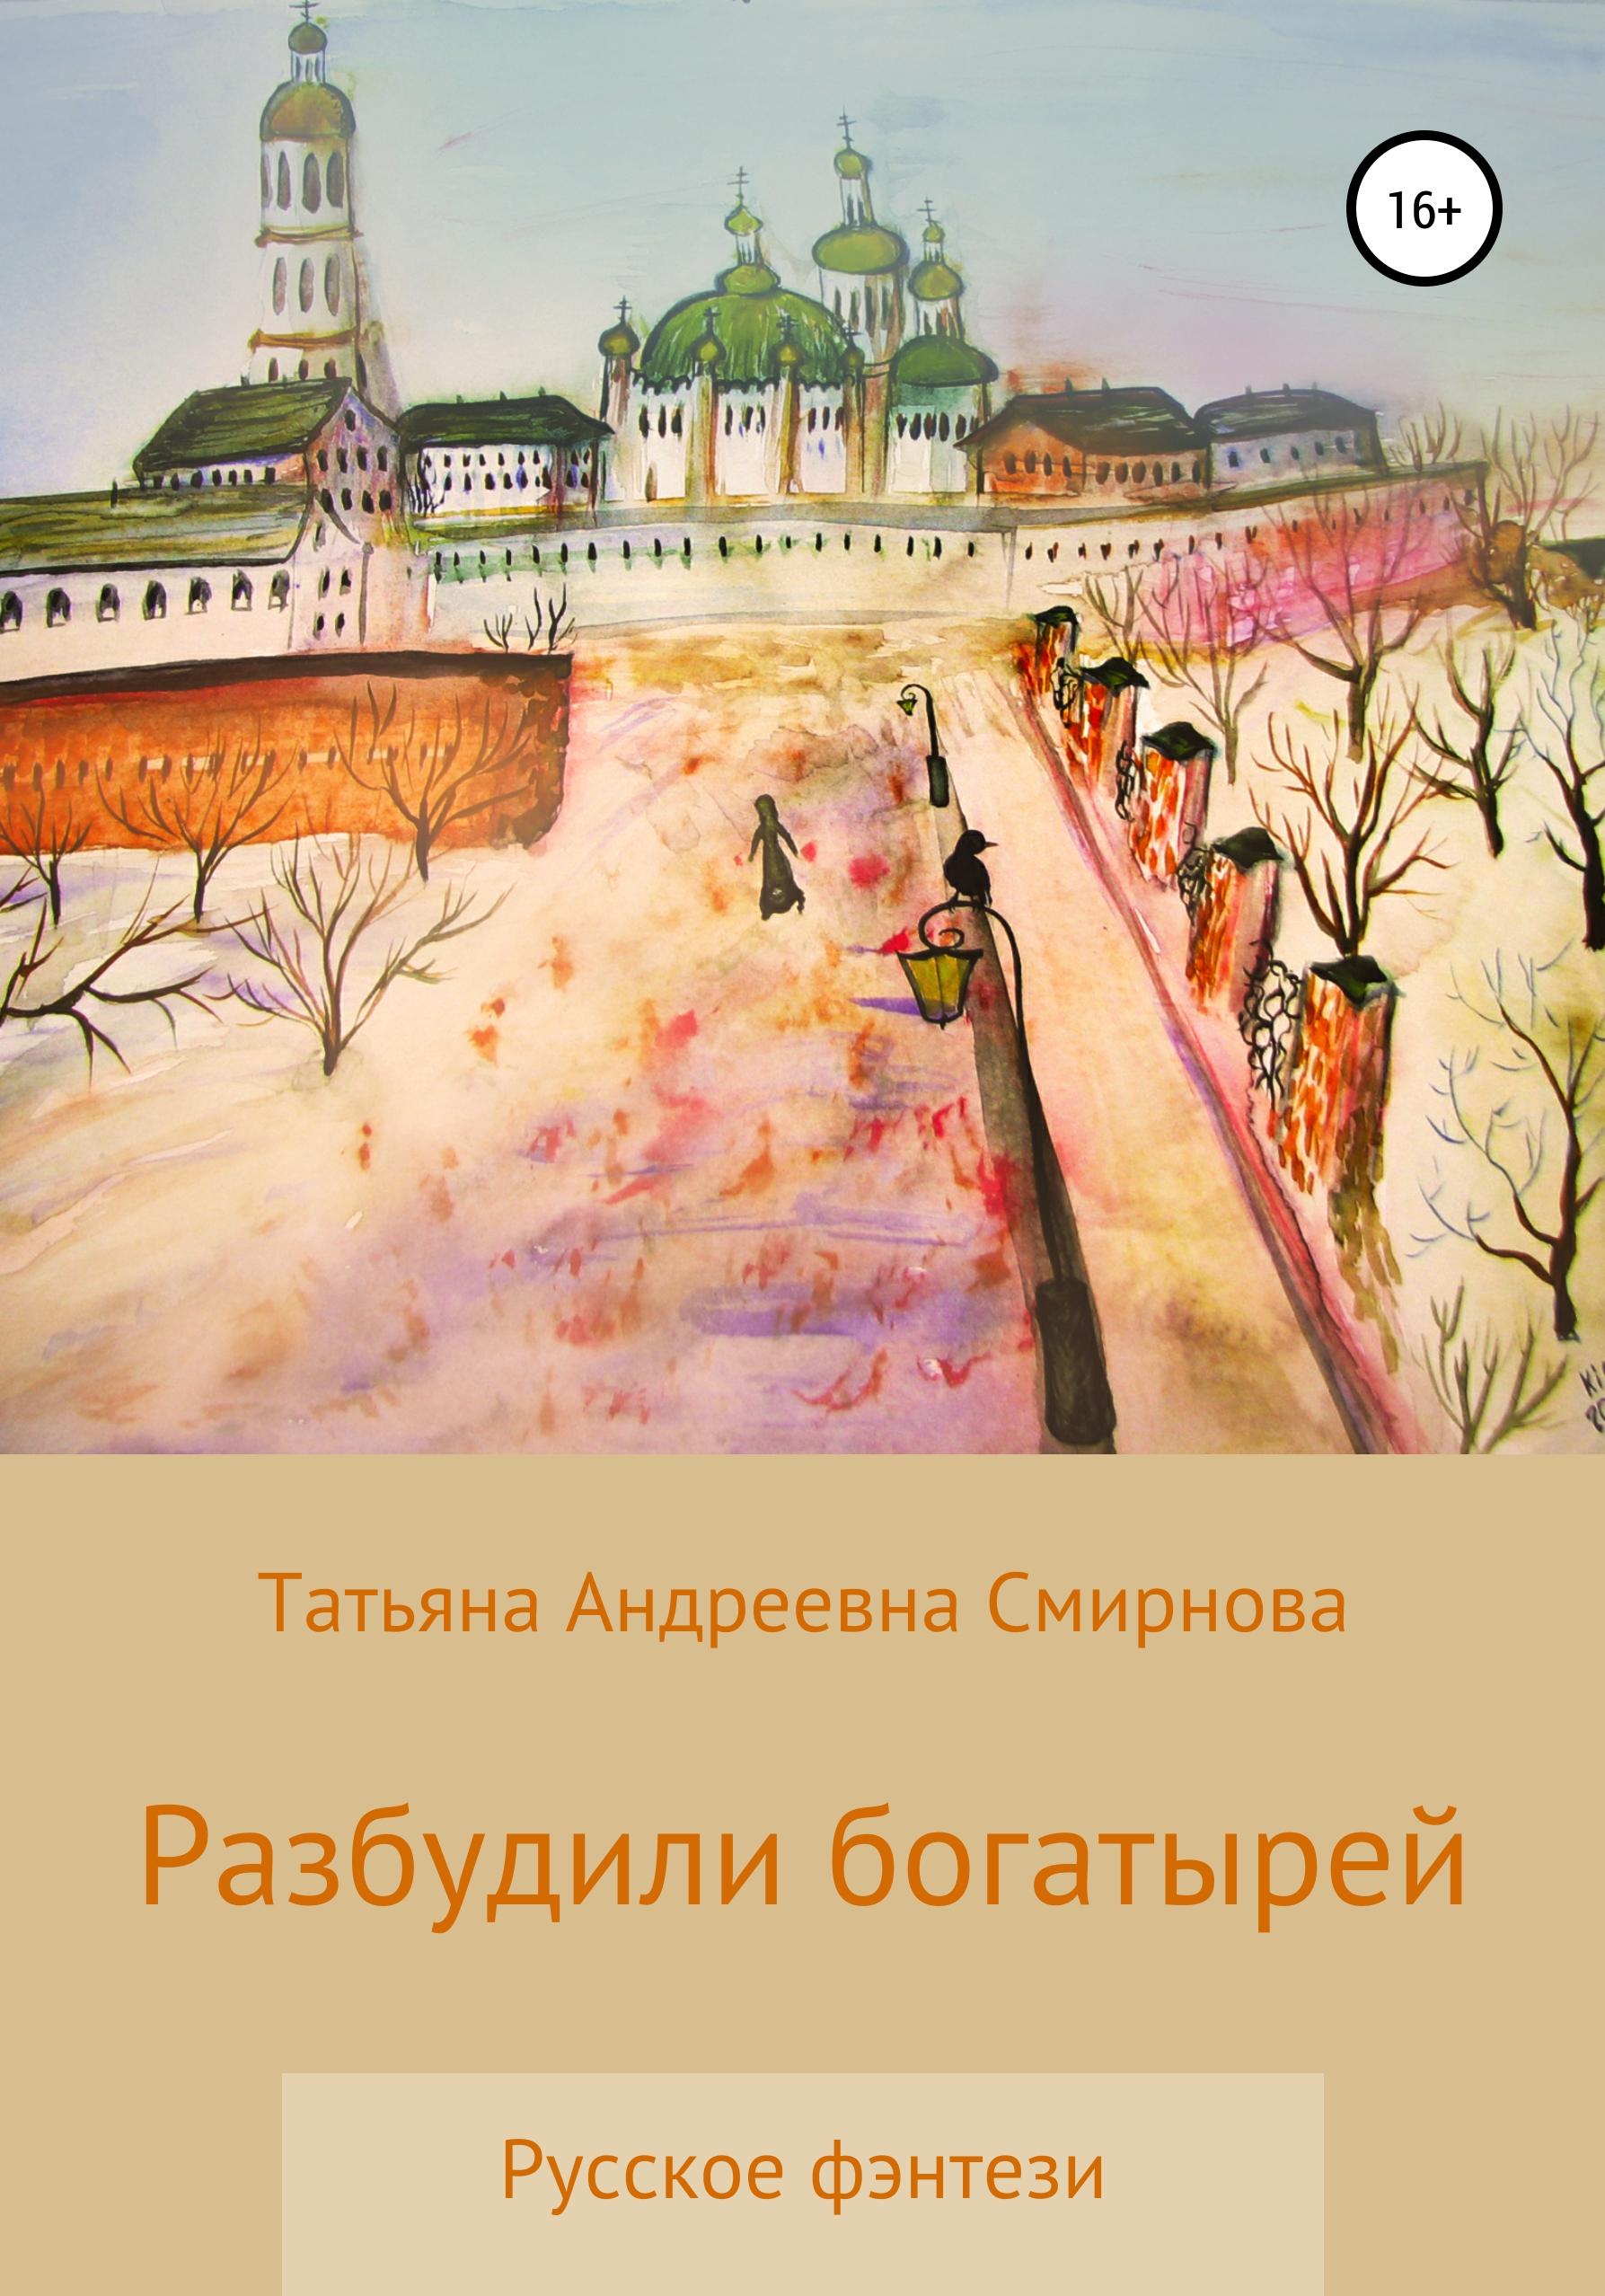 купить Татьяна Андреевна Смирнова Проснувшиеся богатыри по цене 5.99 рублей